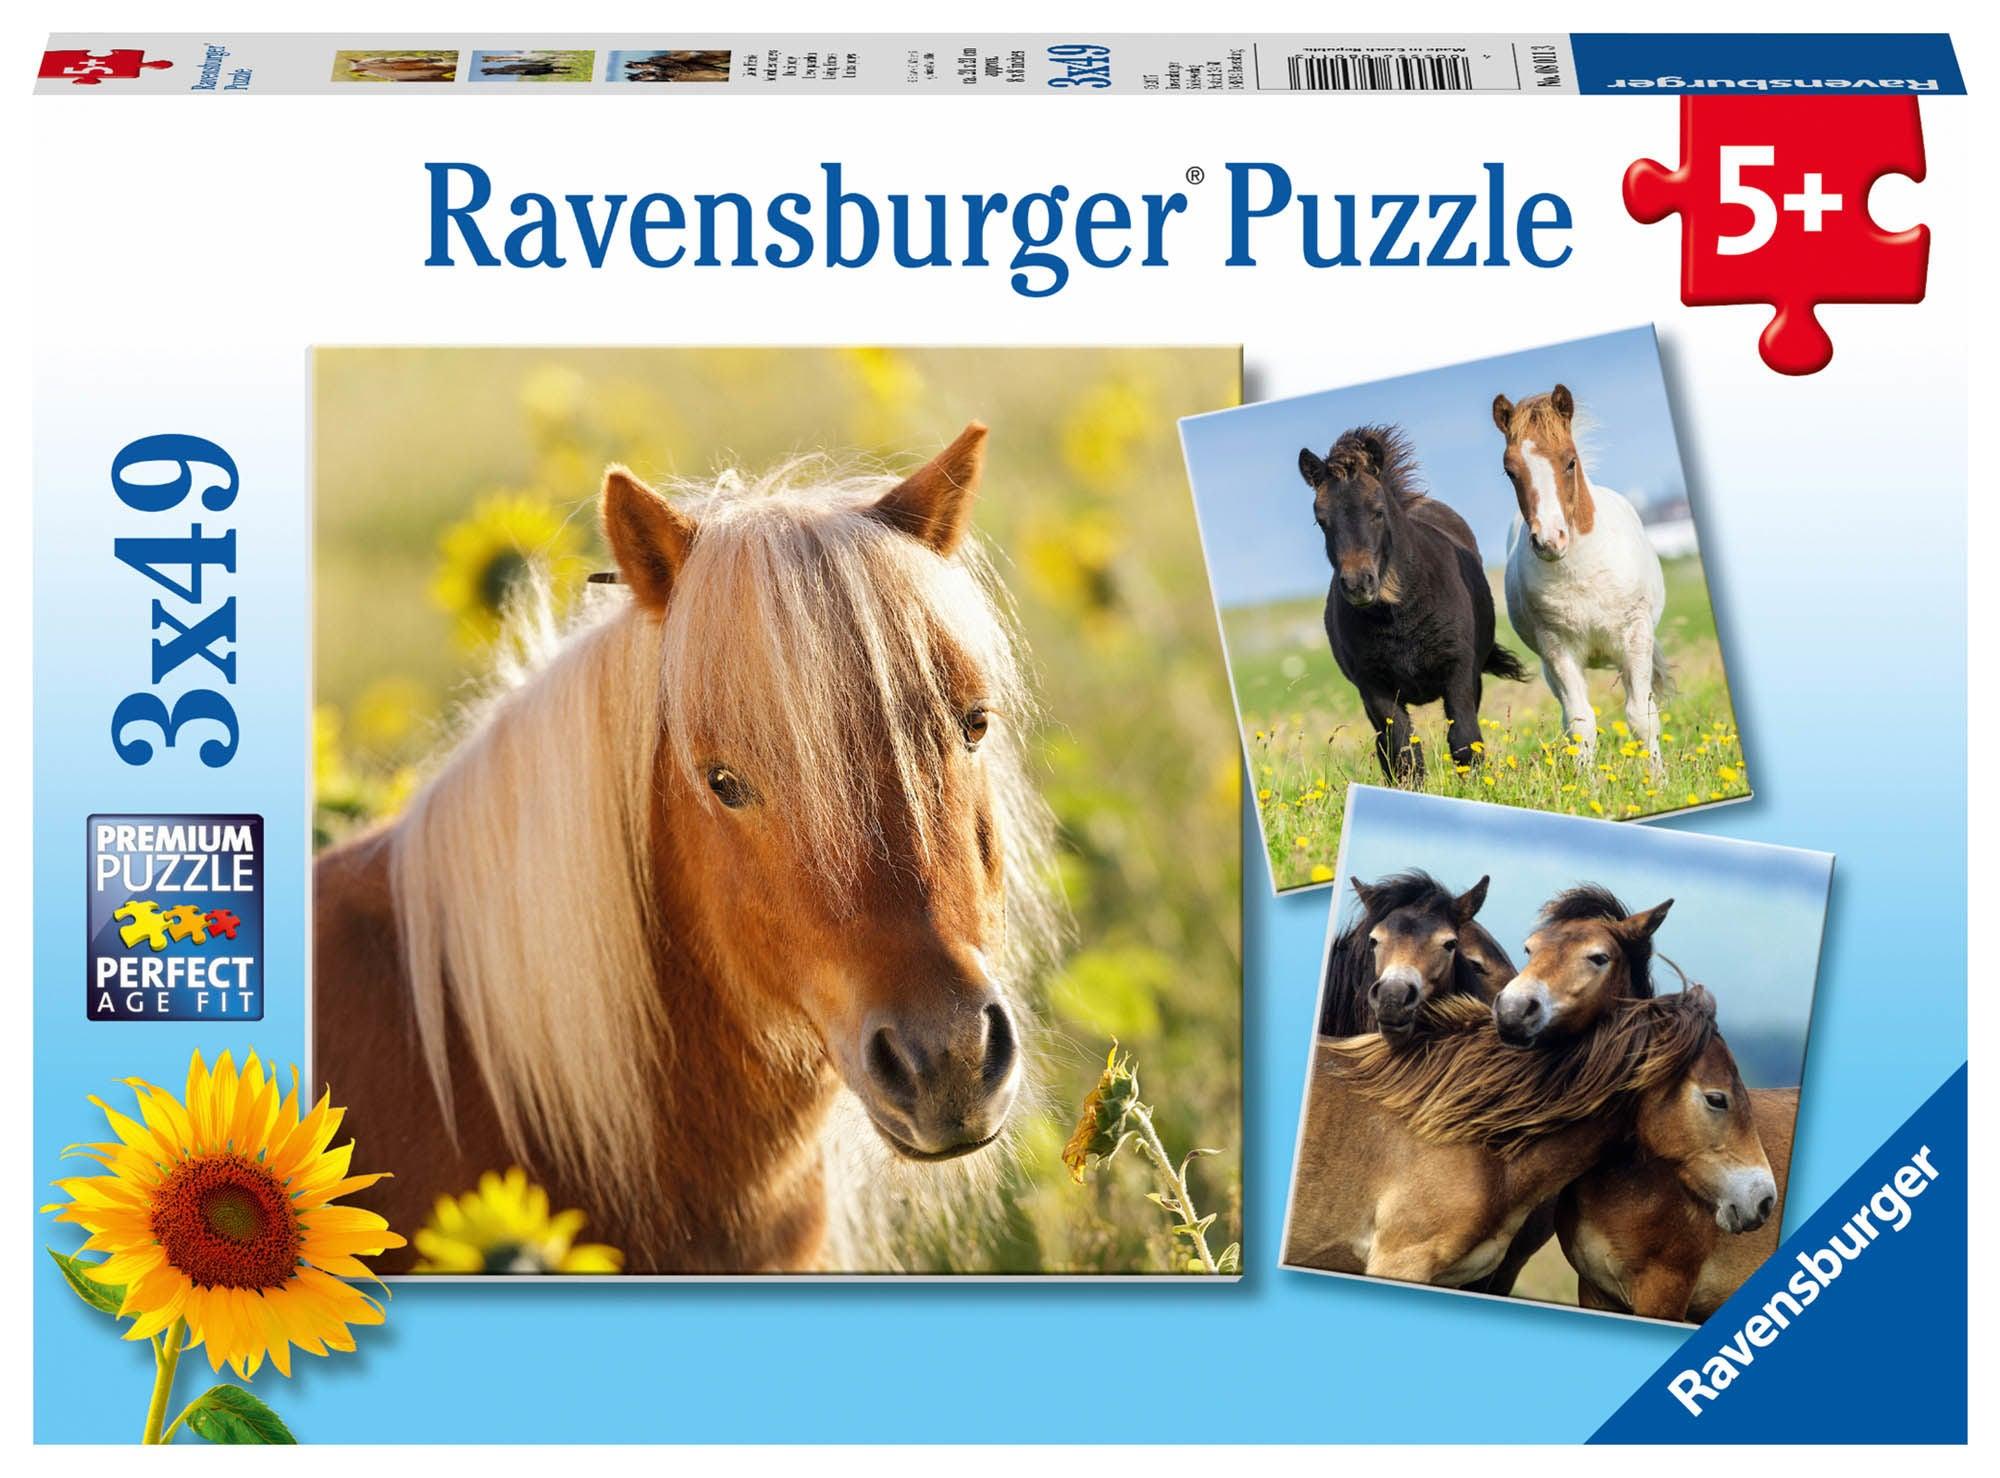 Ravensburger Pussel Söta Ponys 3x49 Bitar